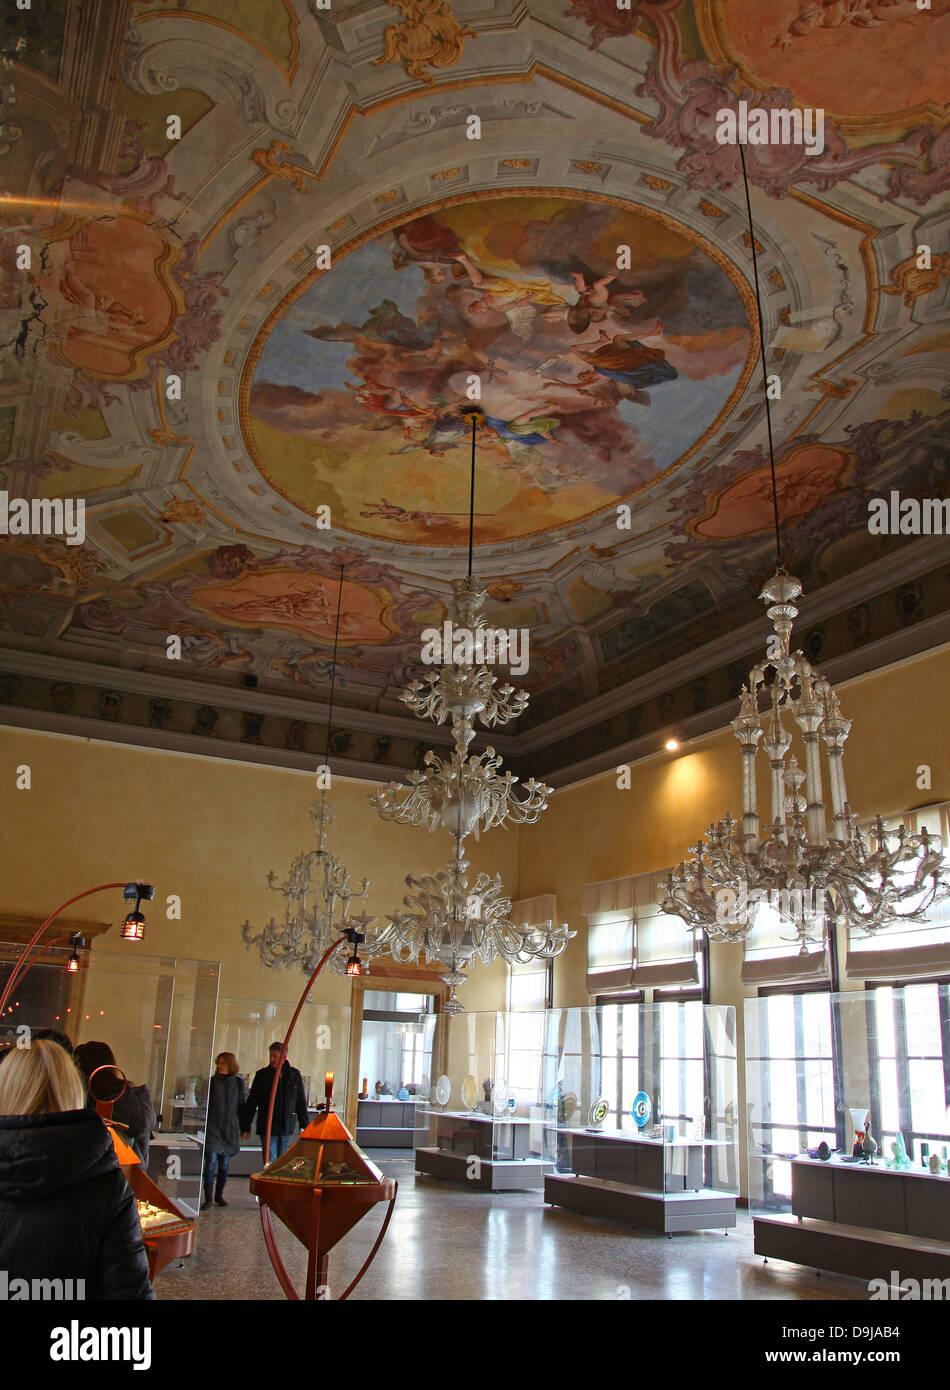 Eine Reich Verzierte Glas Kronleuchter Und Bemalter Decke Und Exponate Im  Glasmuseum Oder Museo Vetrario Murano Venedig Italien